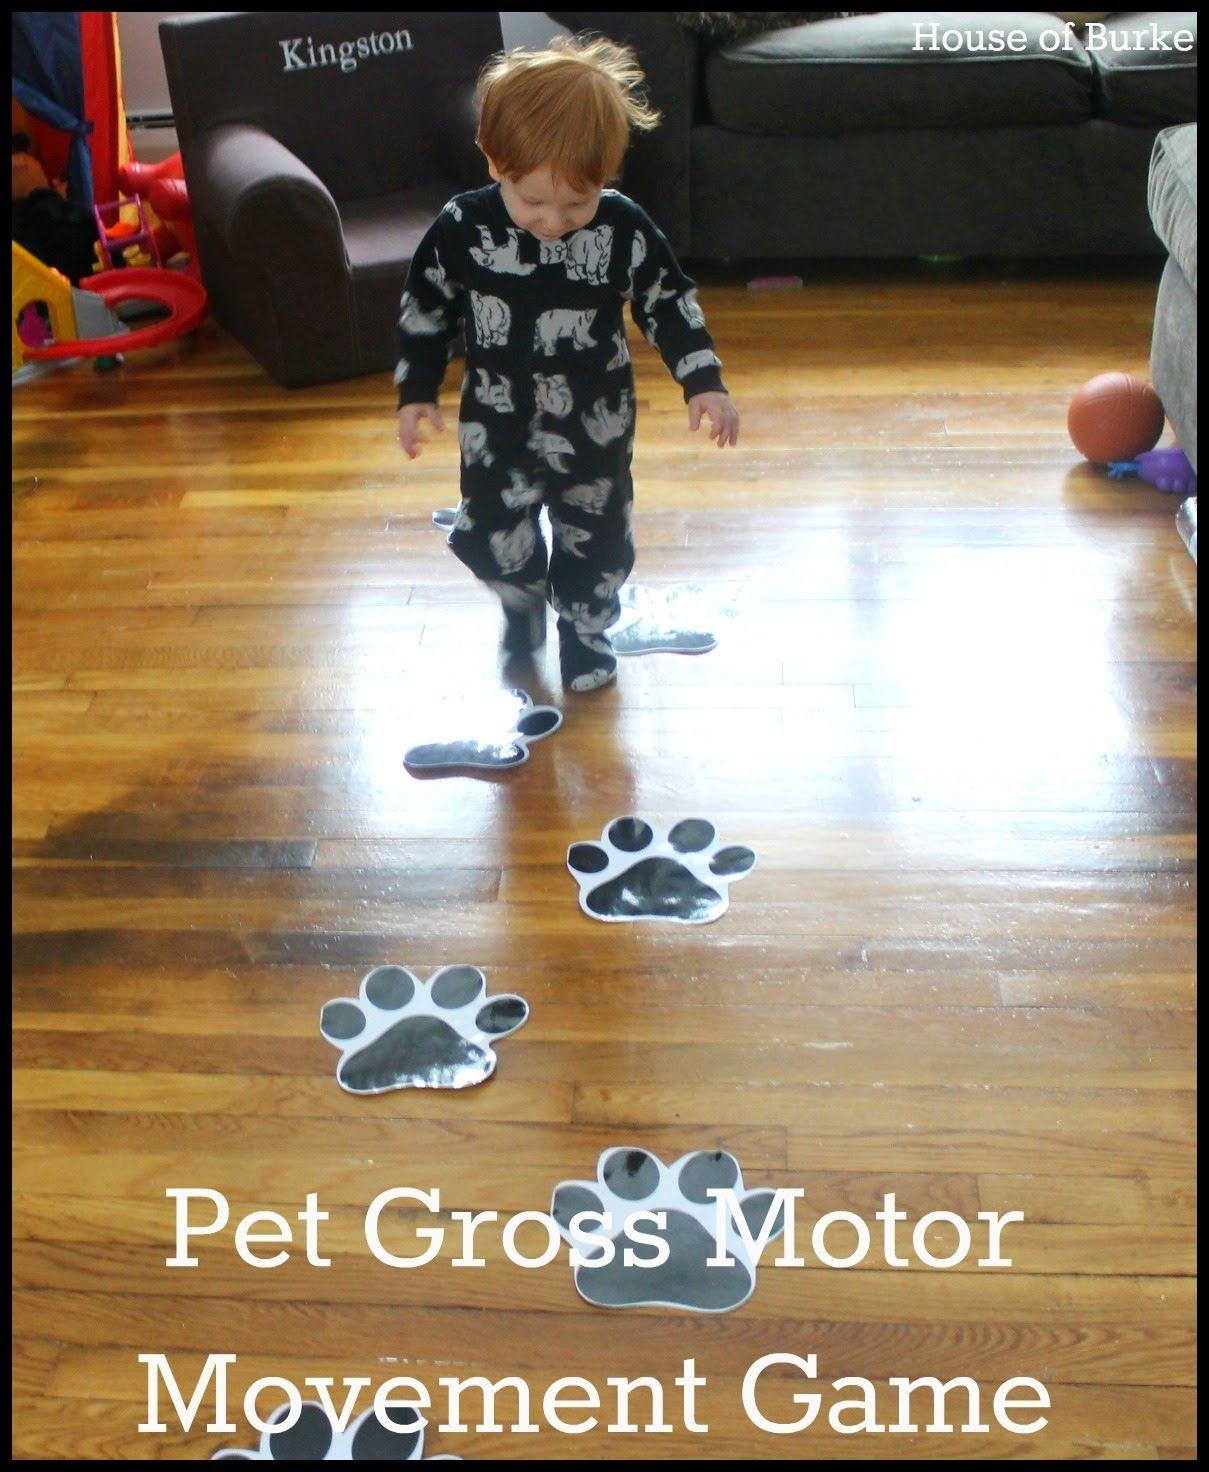 Pet Gross Motor Movement Game